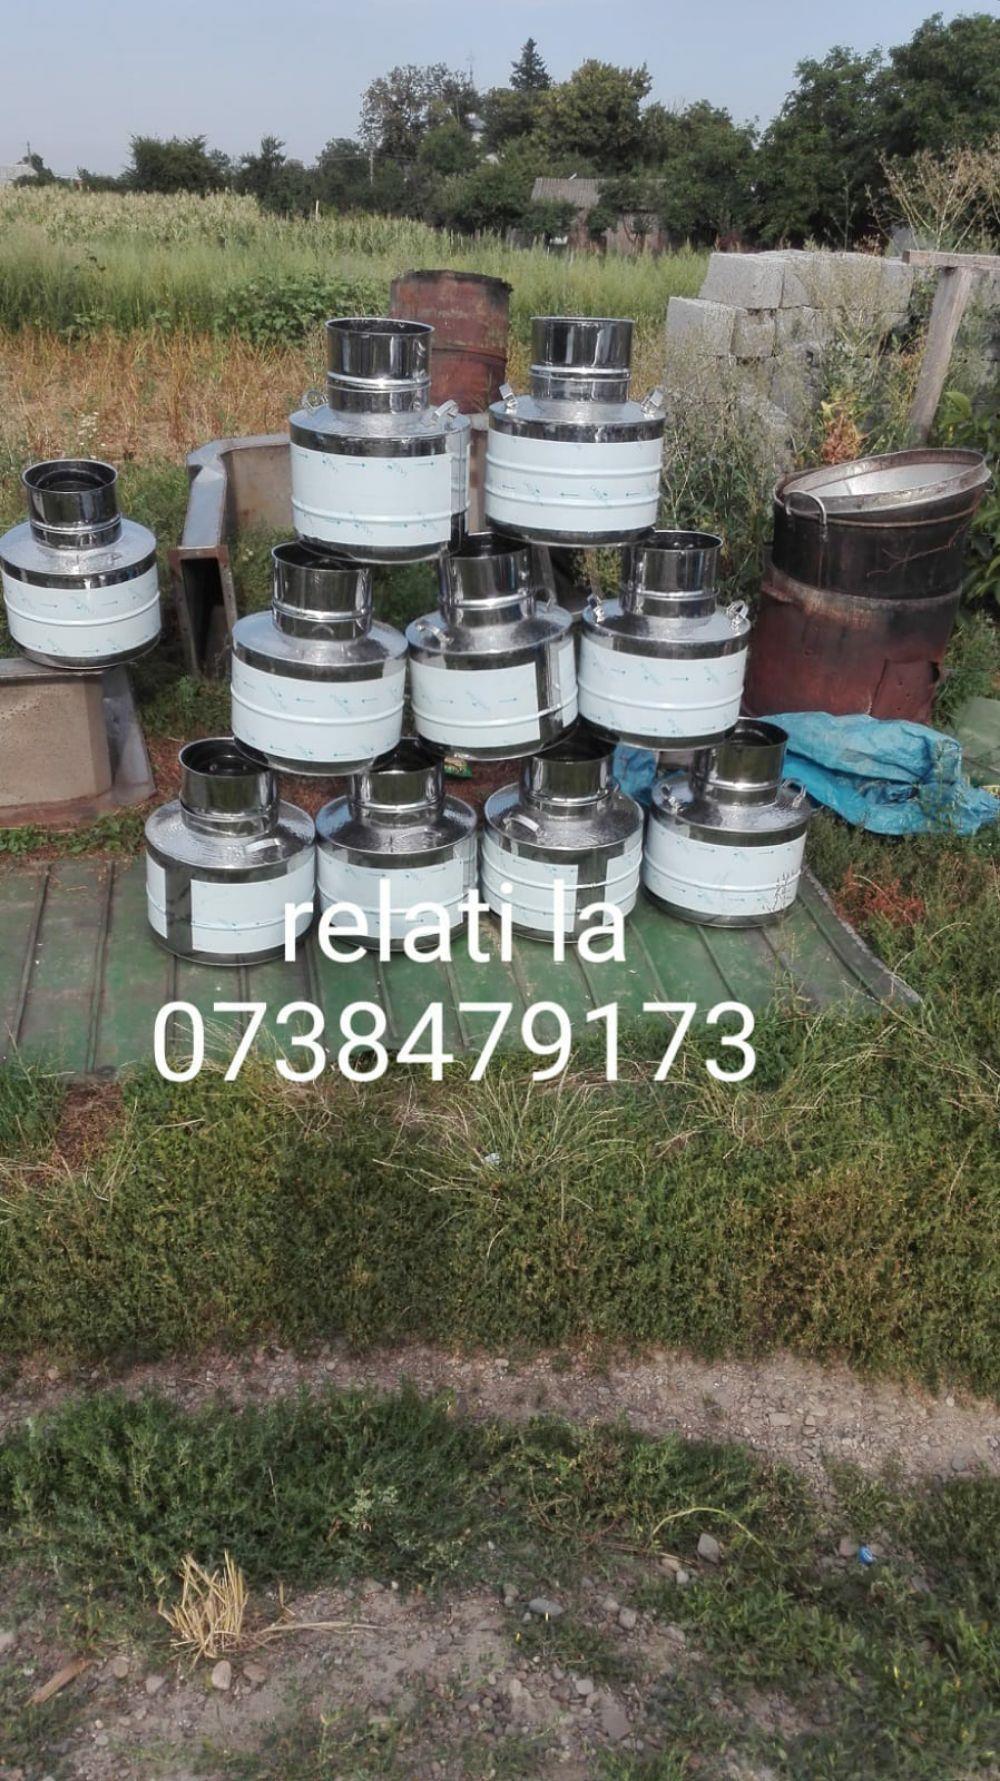 Vand cazane pentru țuică. Din 0738479173 0743909366 Inox . Alimentar Cupru alimentar avem pe stoc de